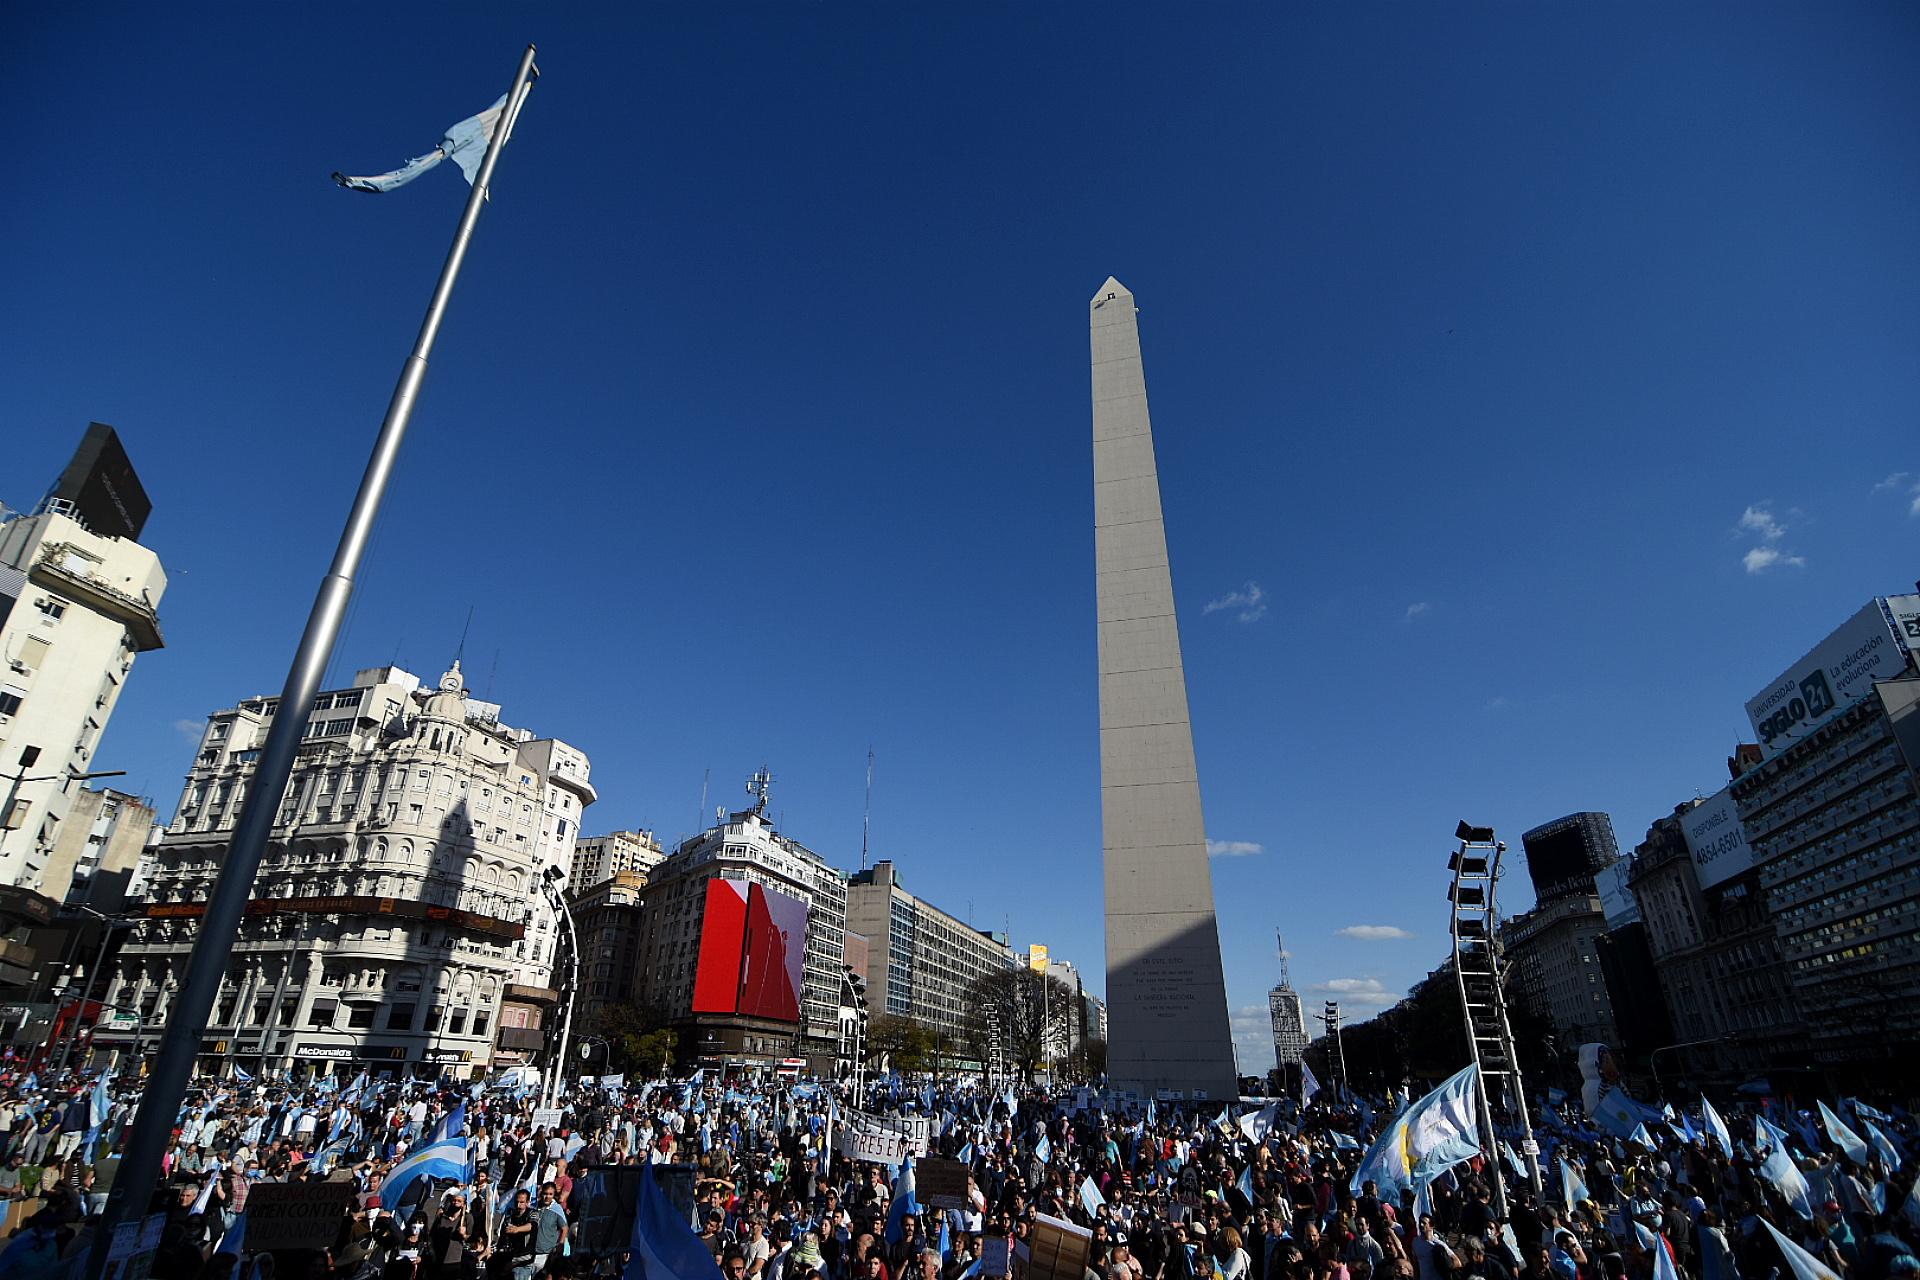 La gente cantó el himno nacional en forma recurrente como un símbolo de protesta